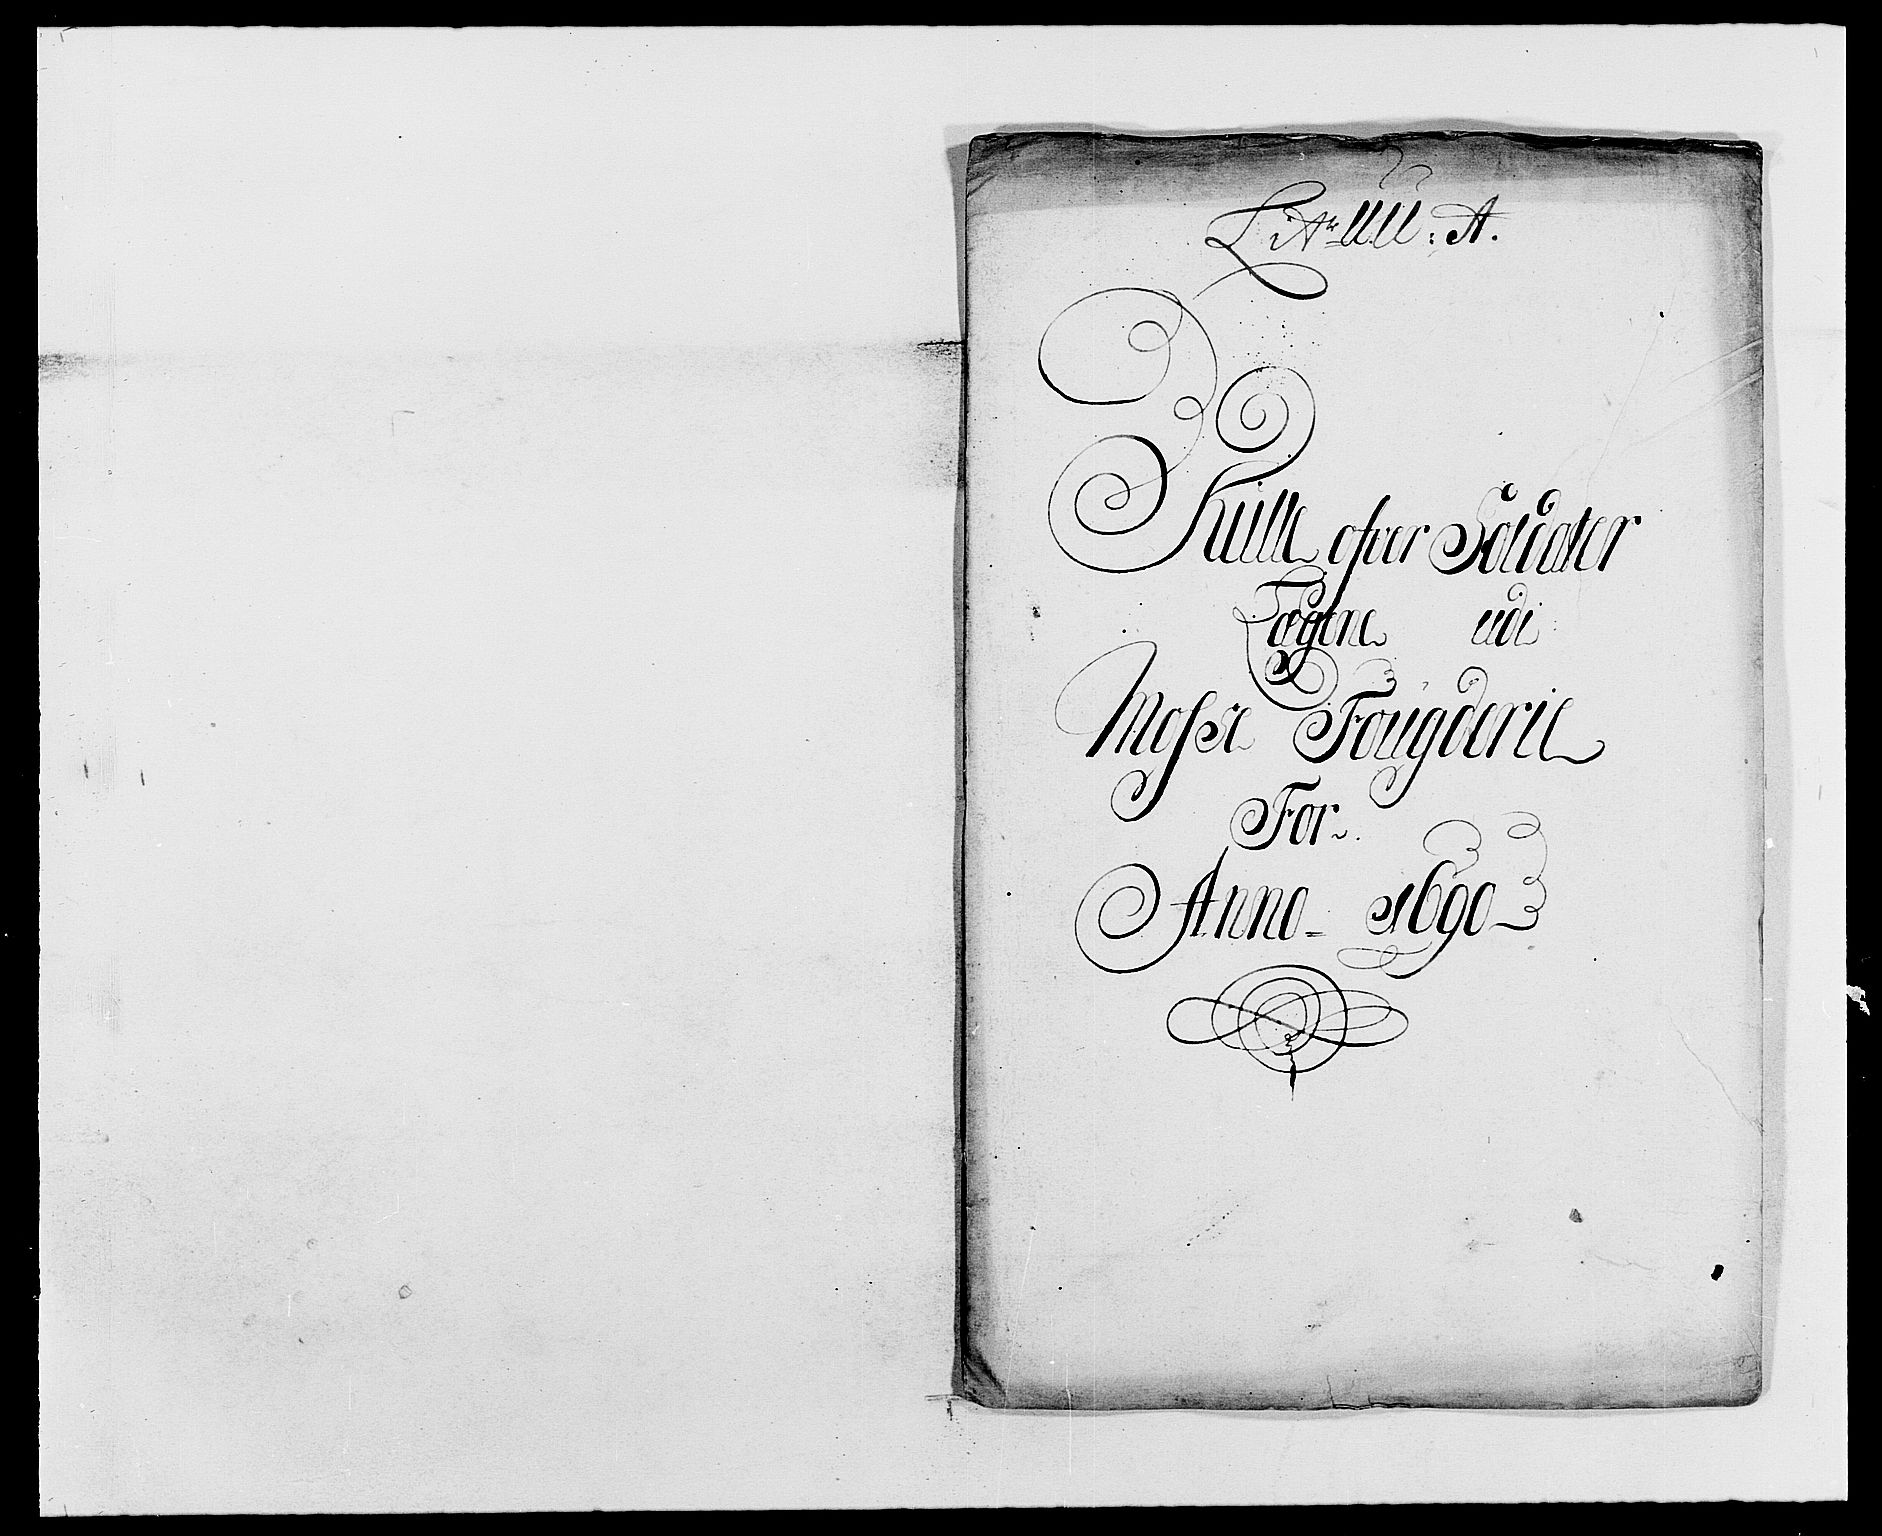 RA, Rentekammeret inntil 1814, Reviderte regnskaper, Fogderegnskap, R02/L0106: Fogderegnskap Moss og Verne kloster, 1688-1691, s. 399